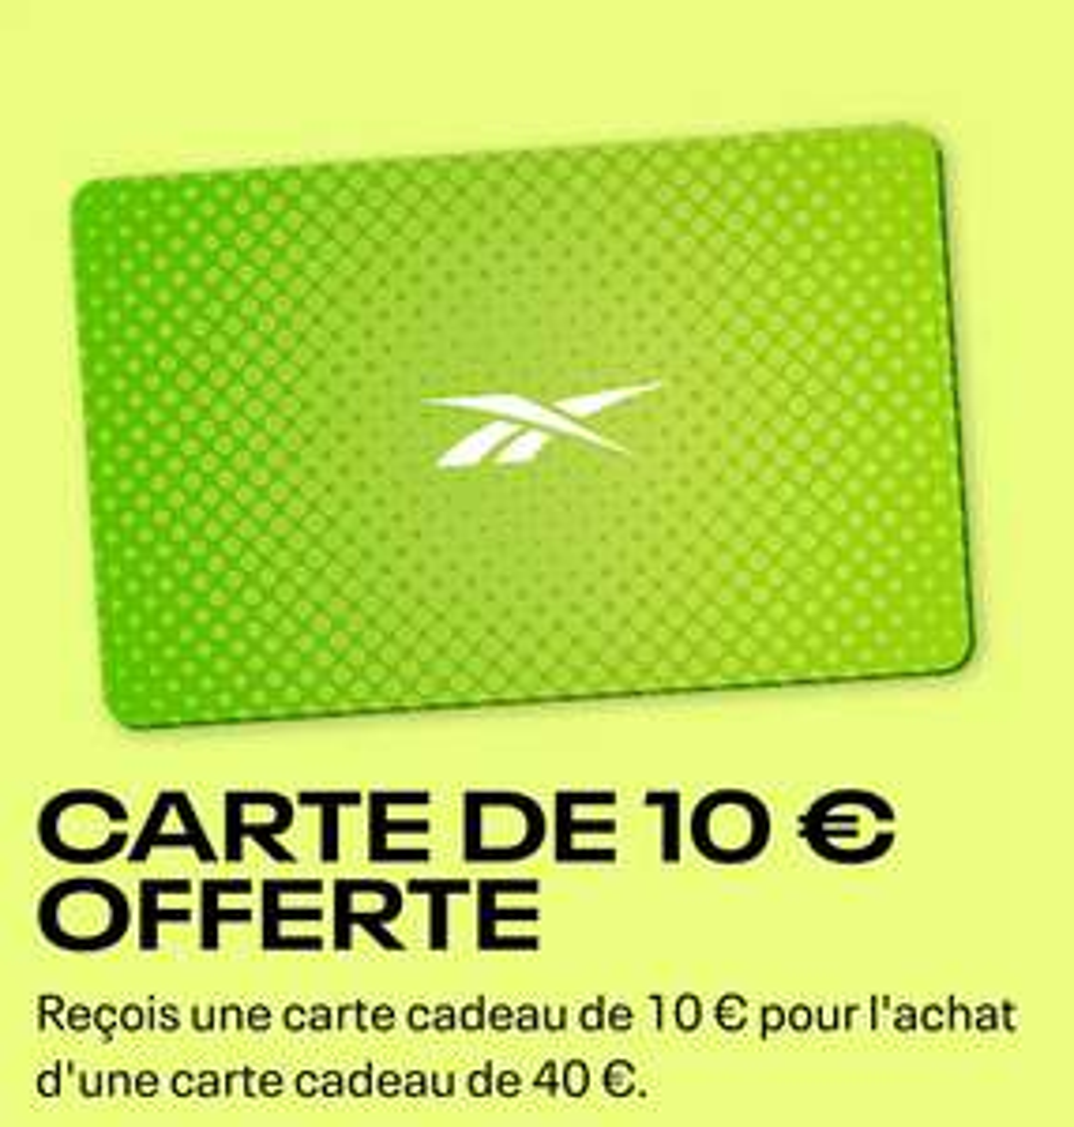 Carte cadeau Reebok d'une valeur de 10€ offerte pour l'achat d'une carte cadeau de 40€